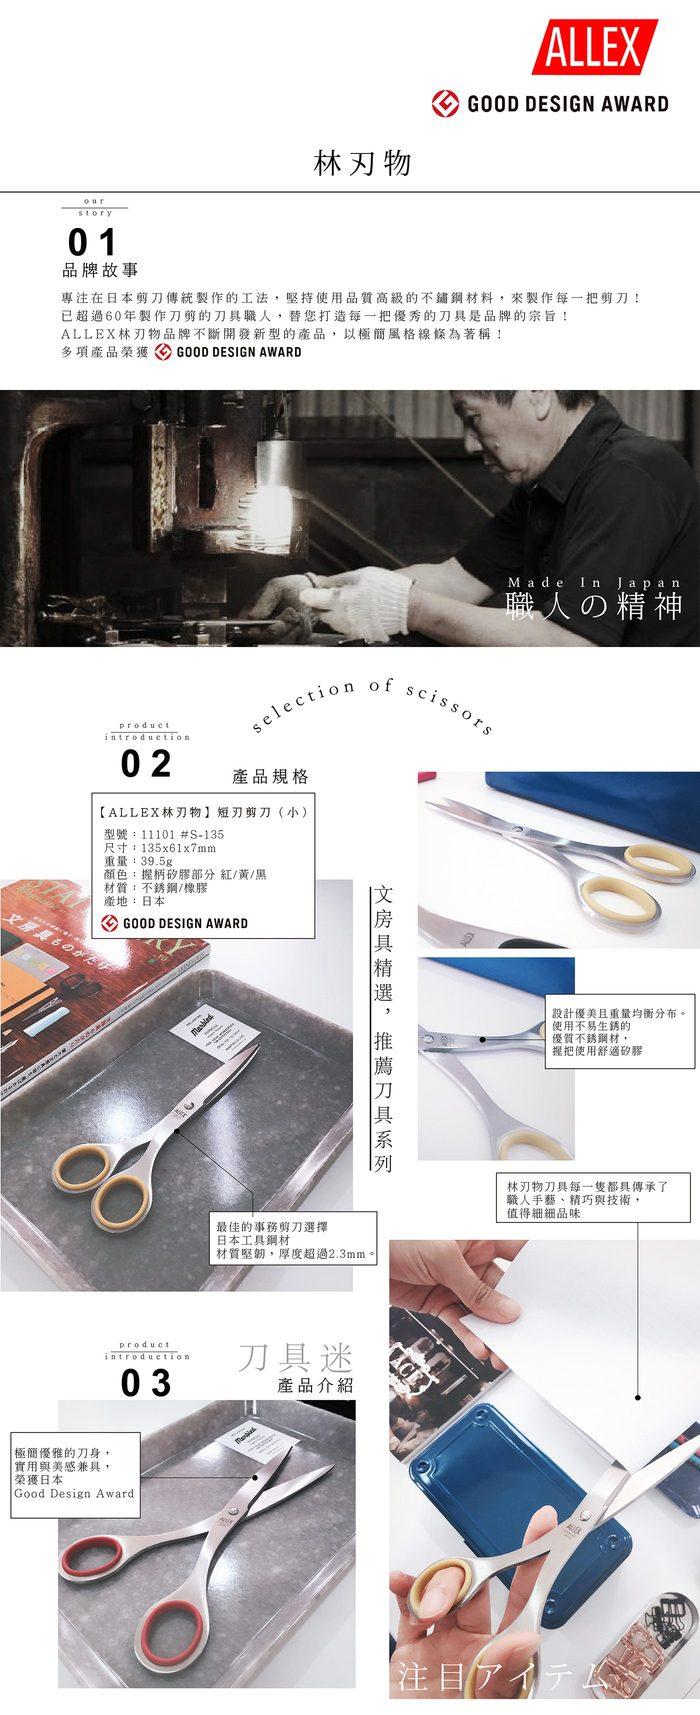 (複製)ALLEX林刃物|拆信刀-黃